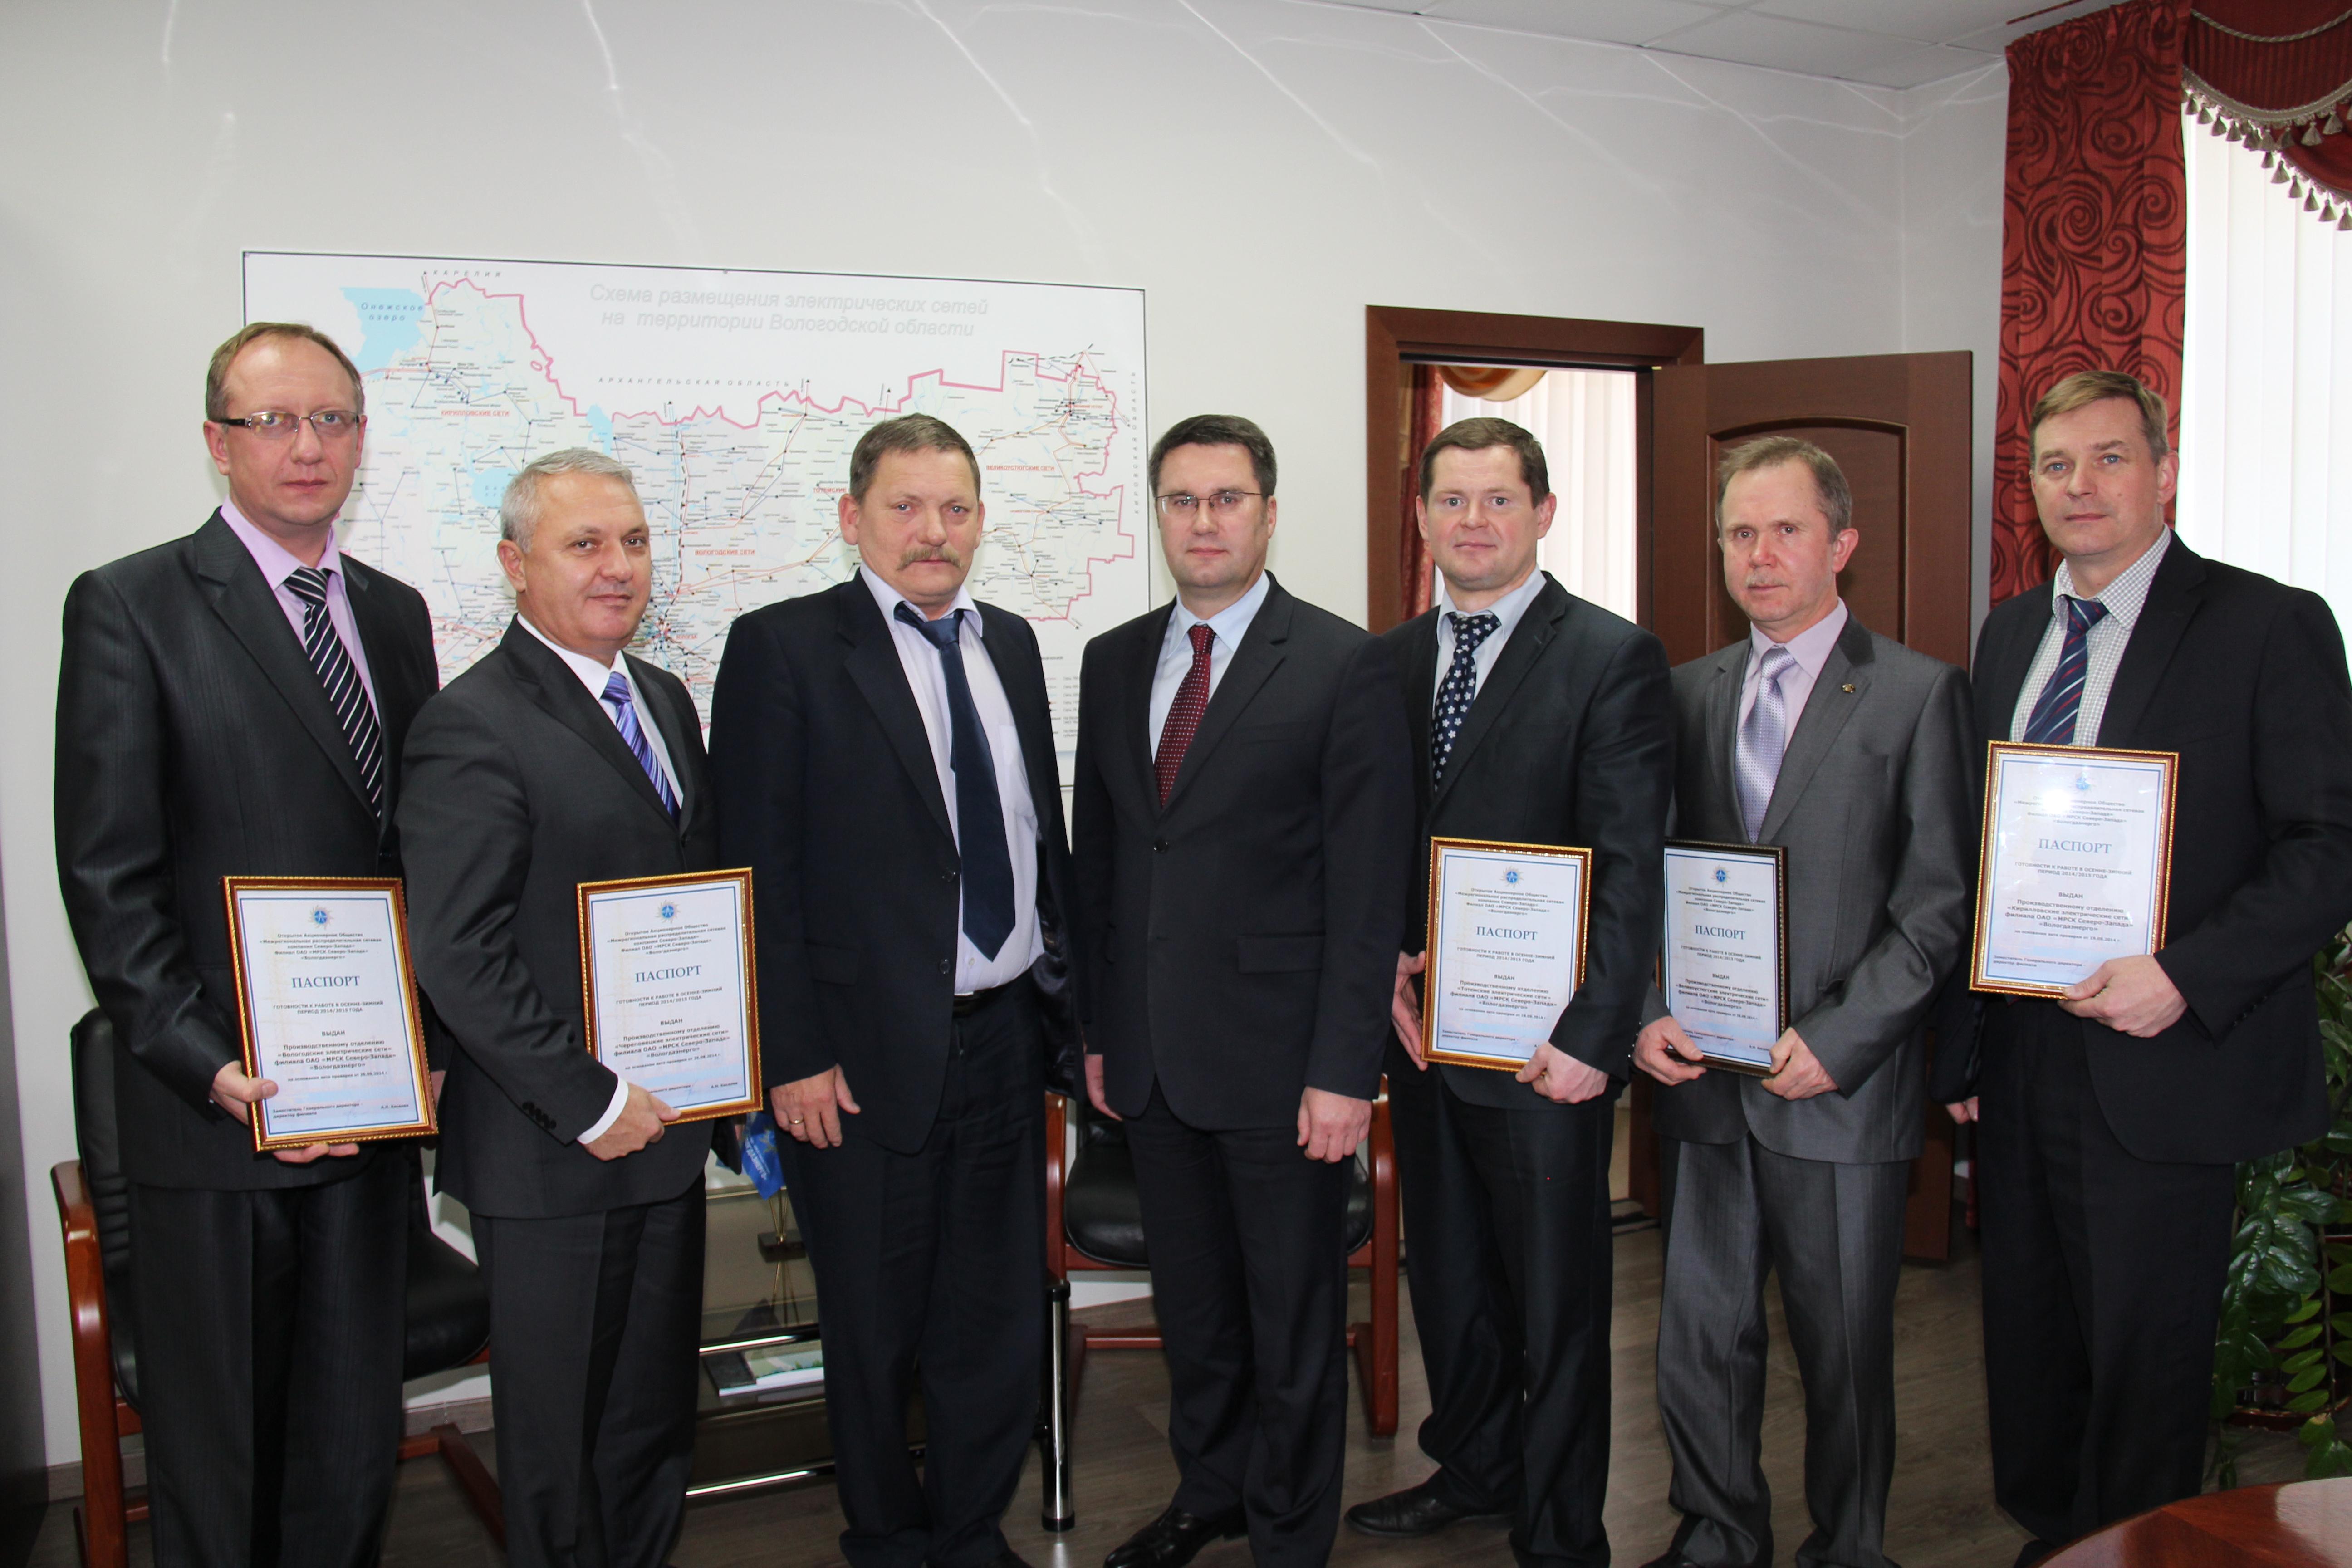 Директор «Вологдаэнерго» Андрей Киселёв вручил паспорта готовности директорам производственных отделений